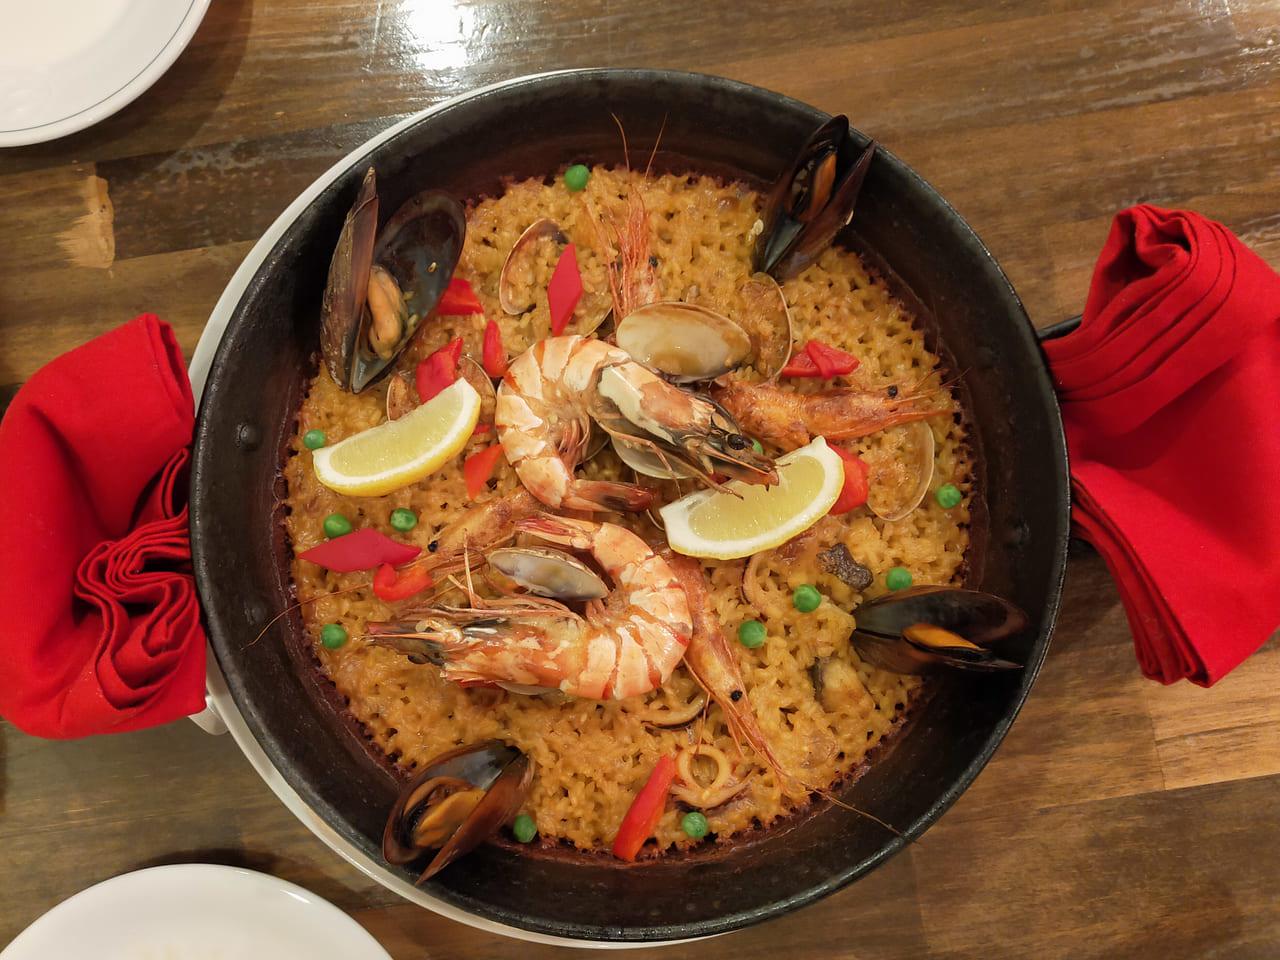 スペイン料理のお店「タパス&パエリヤ MAR(マール)」の人気メニューをいただいてきました!